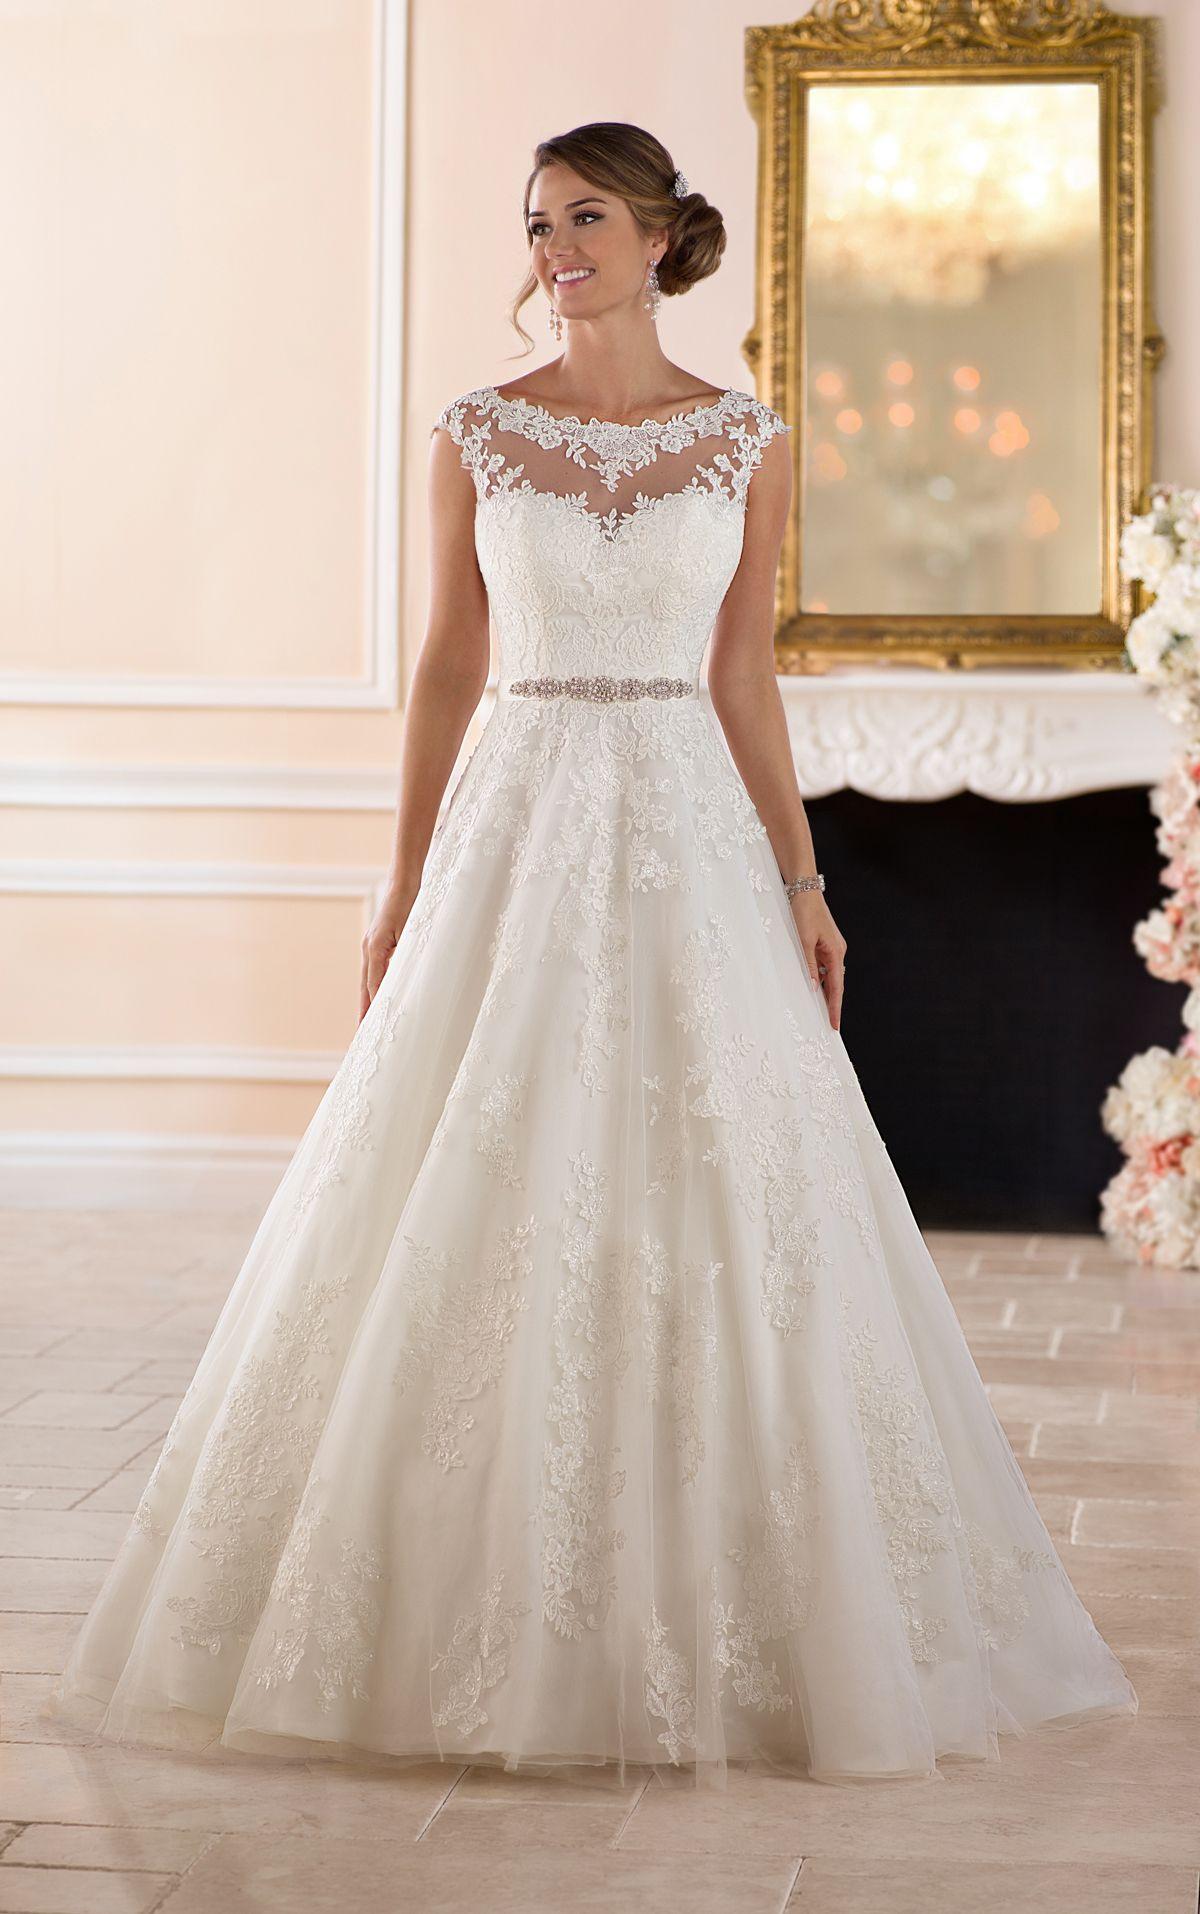 Traditionelles Prinzessin-Brautkleid | Stella York Wedding Dresses